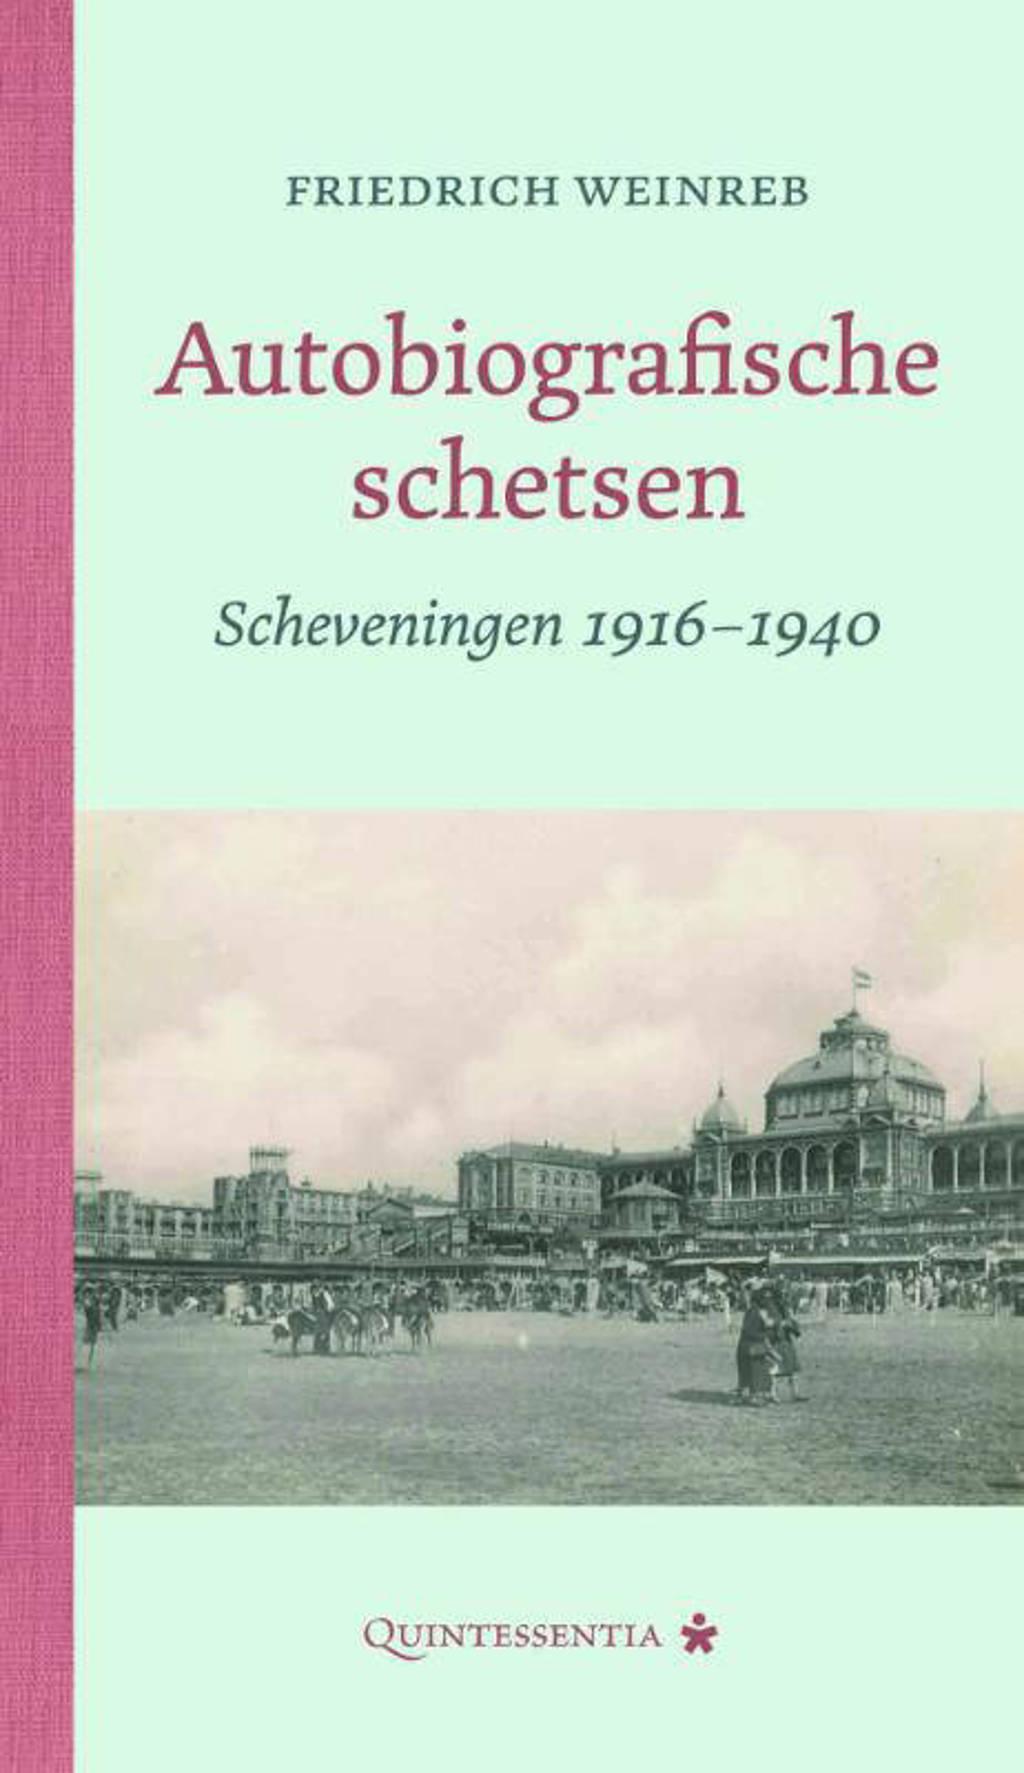 Autobiografische schetsen - Friedrich Weinreb